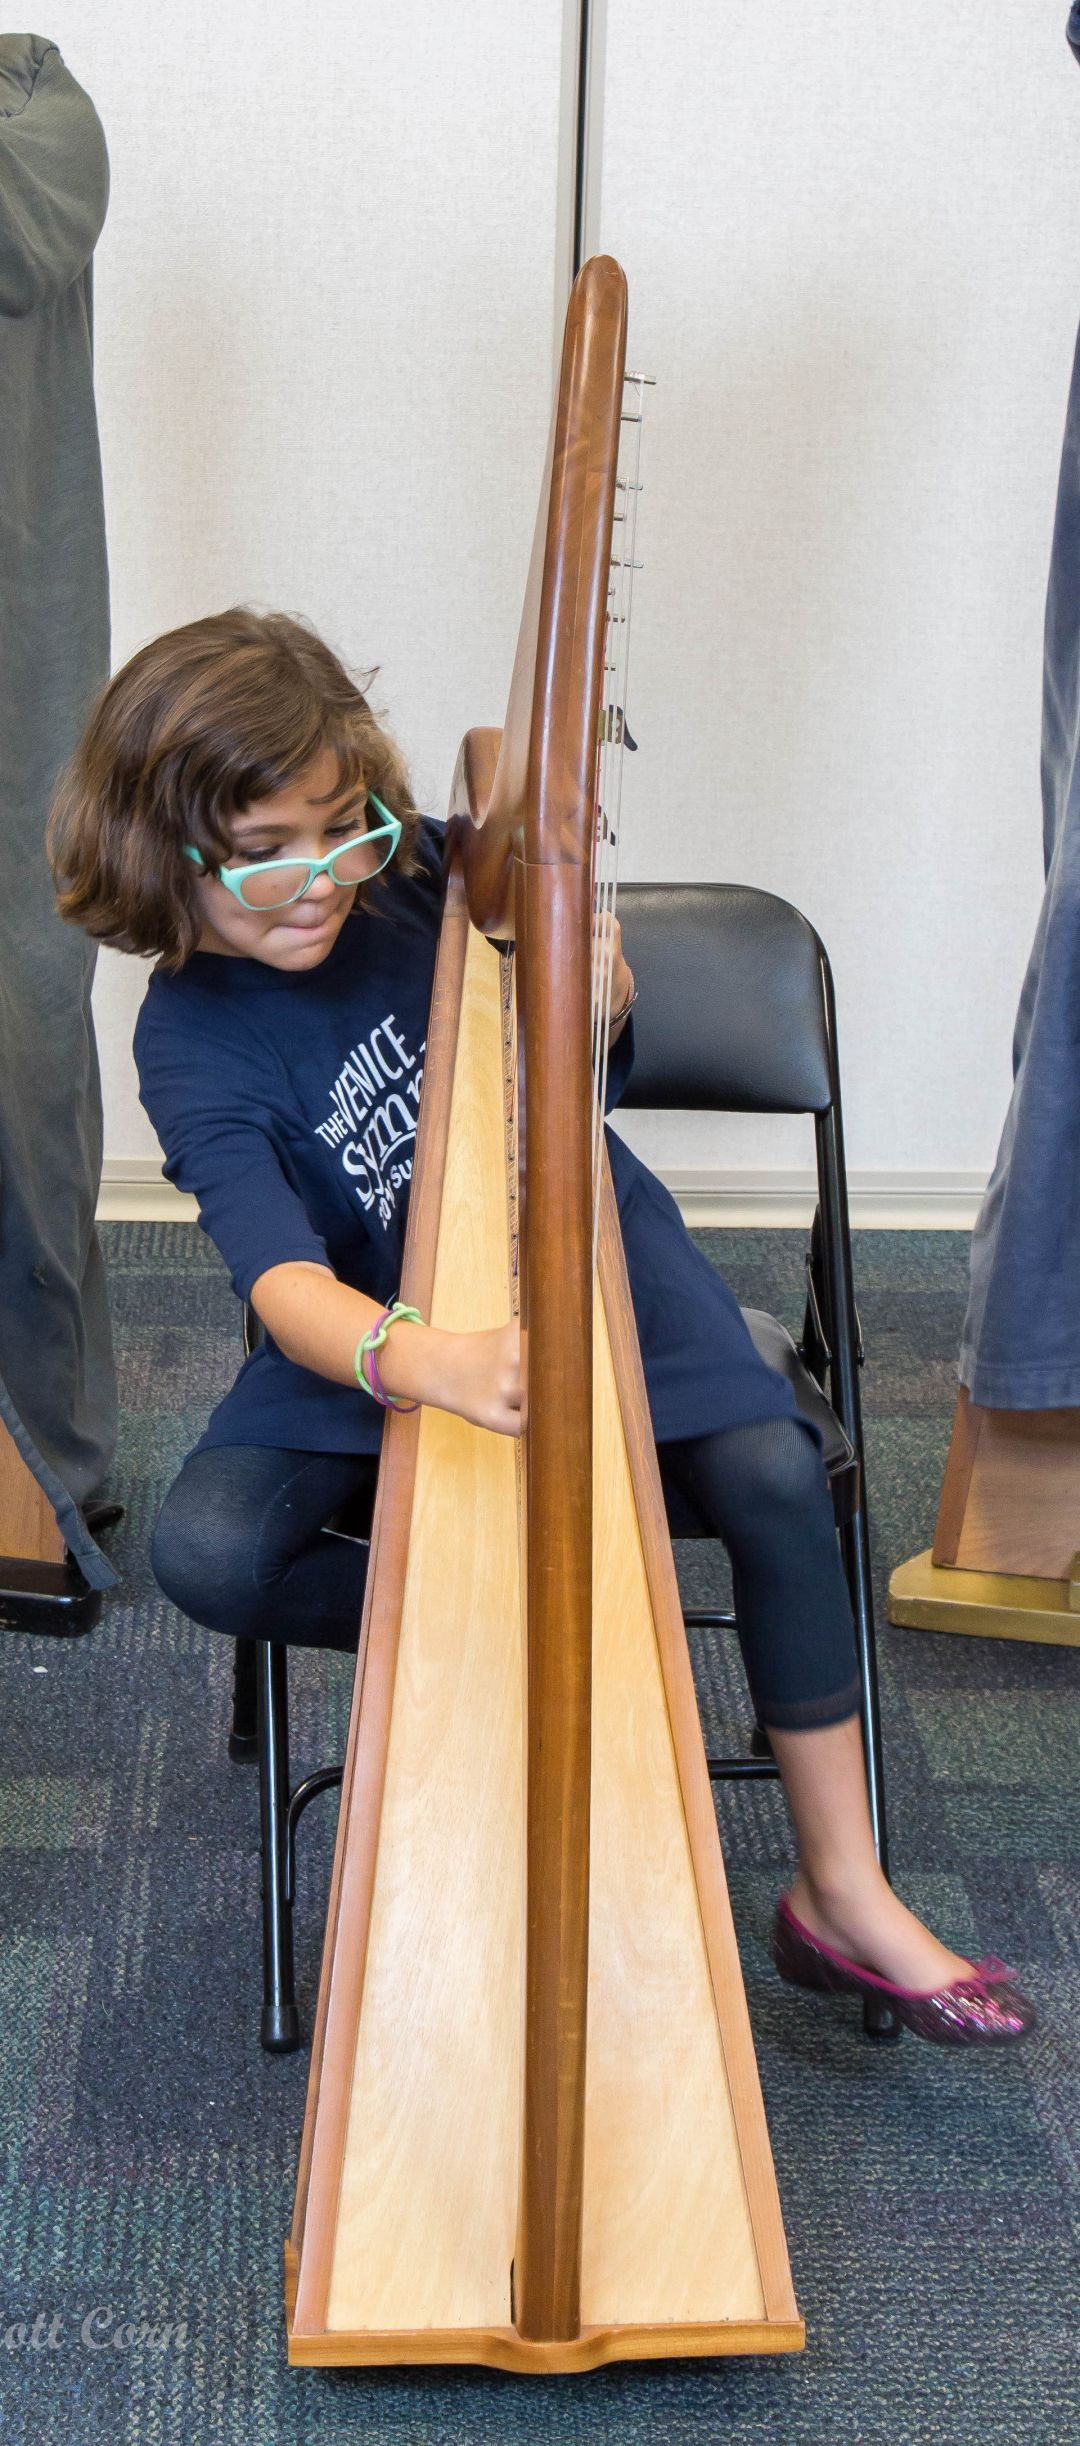 Harp girl  uozizy